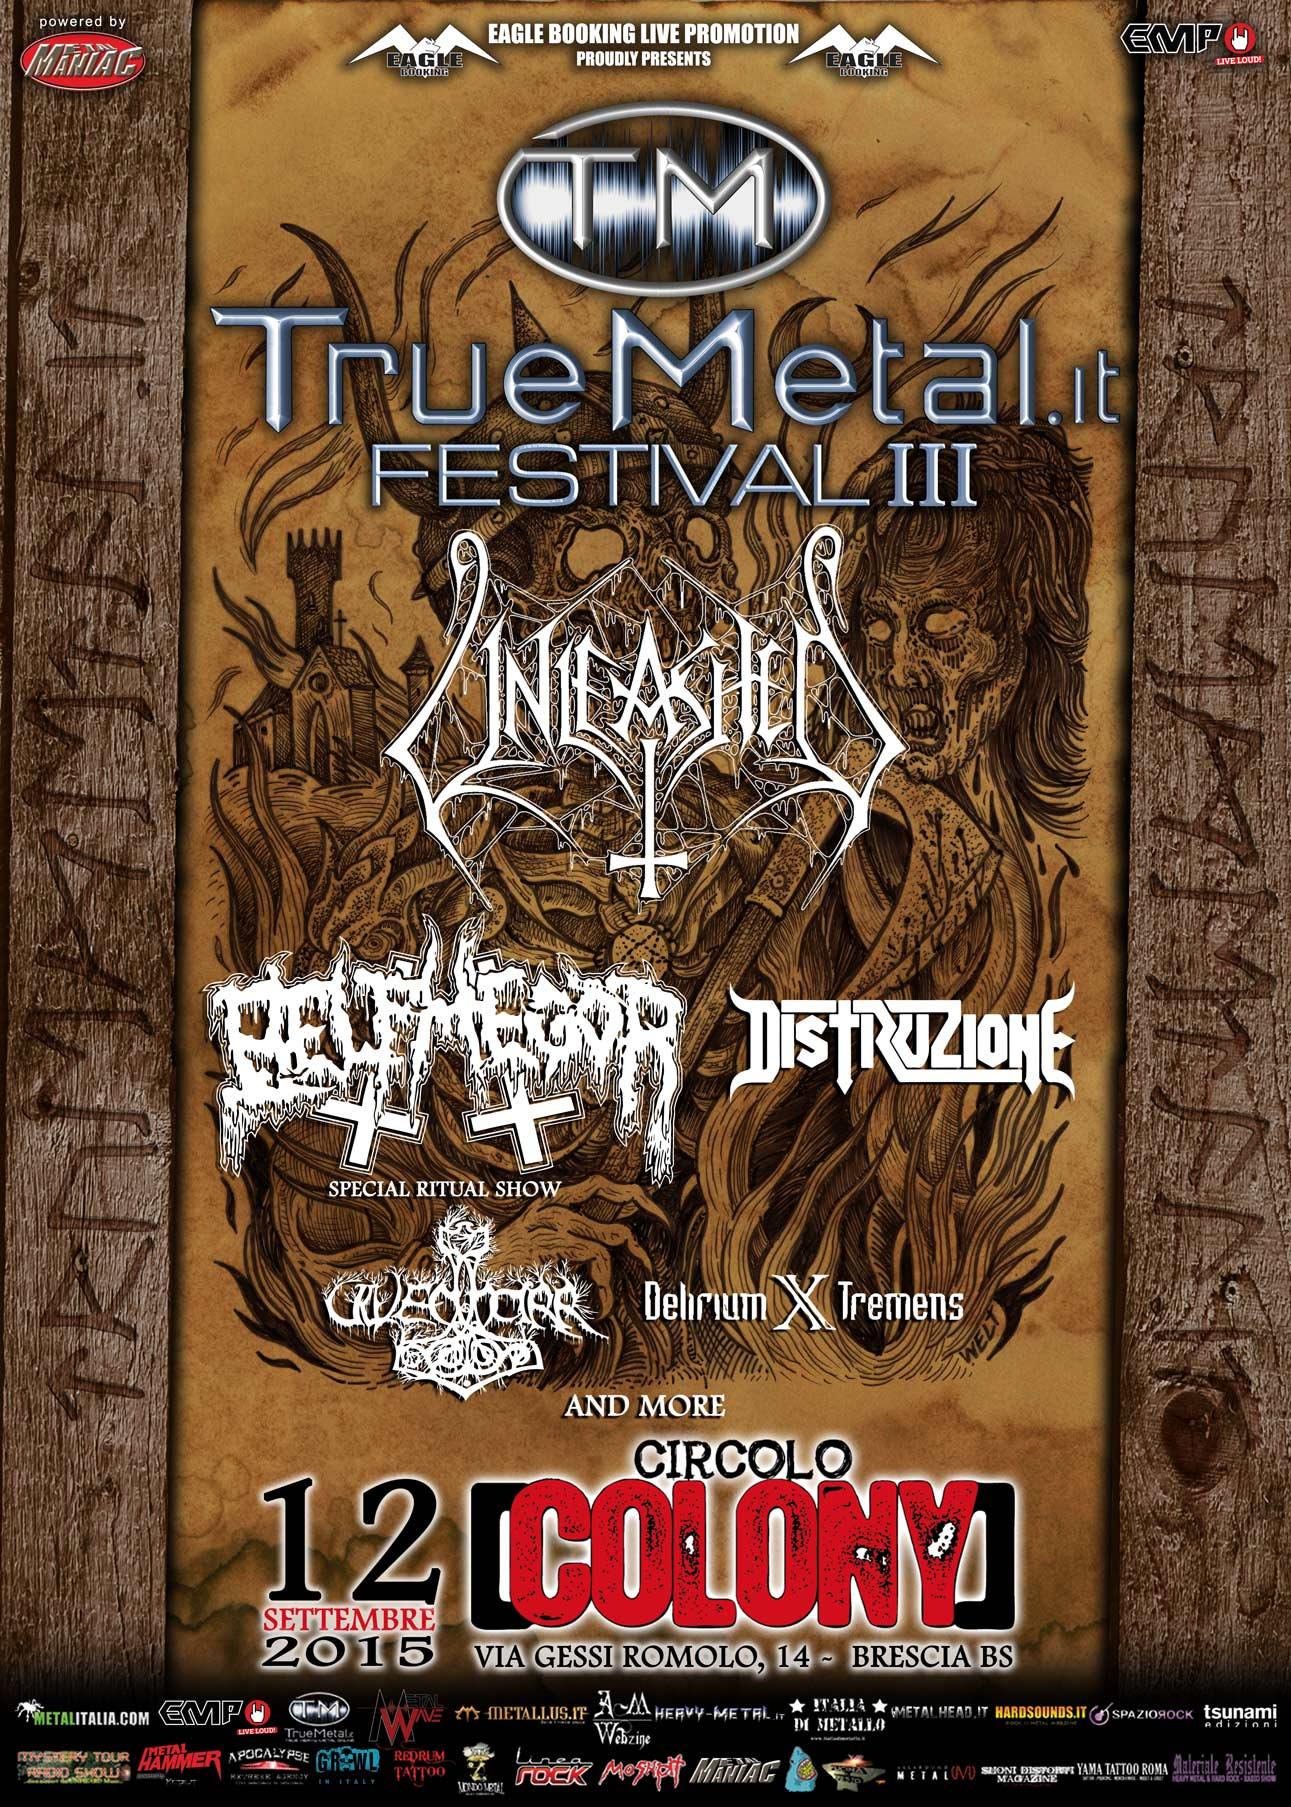 Truemetal Festival 2015 - Nuove Conferme